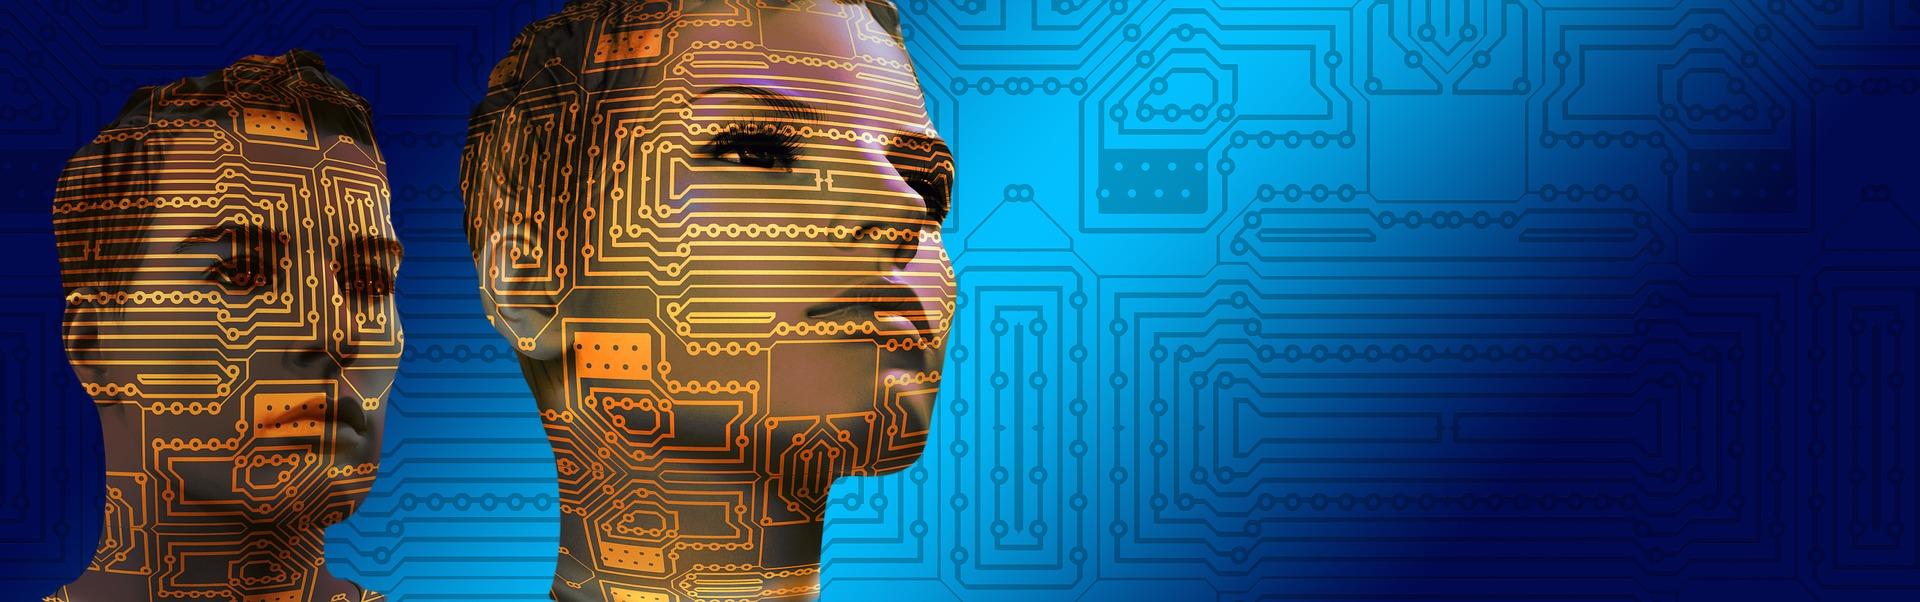 Künstliche Intelligenz (Bild: Pixabay)